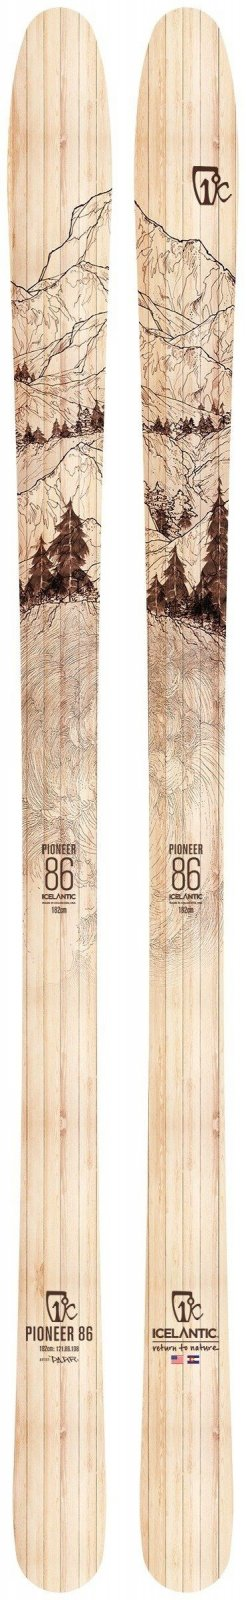 Pioneer 86